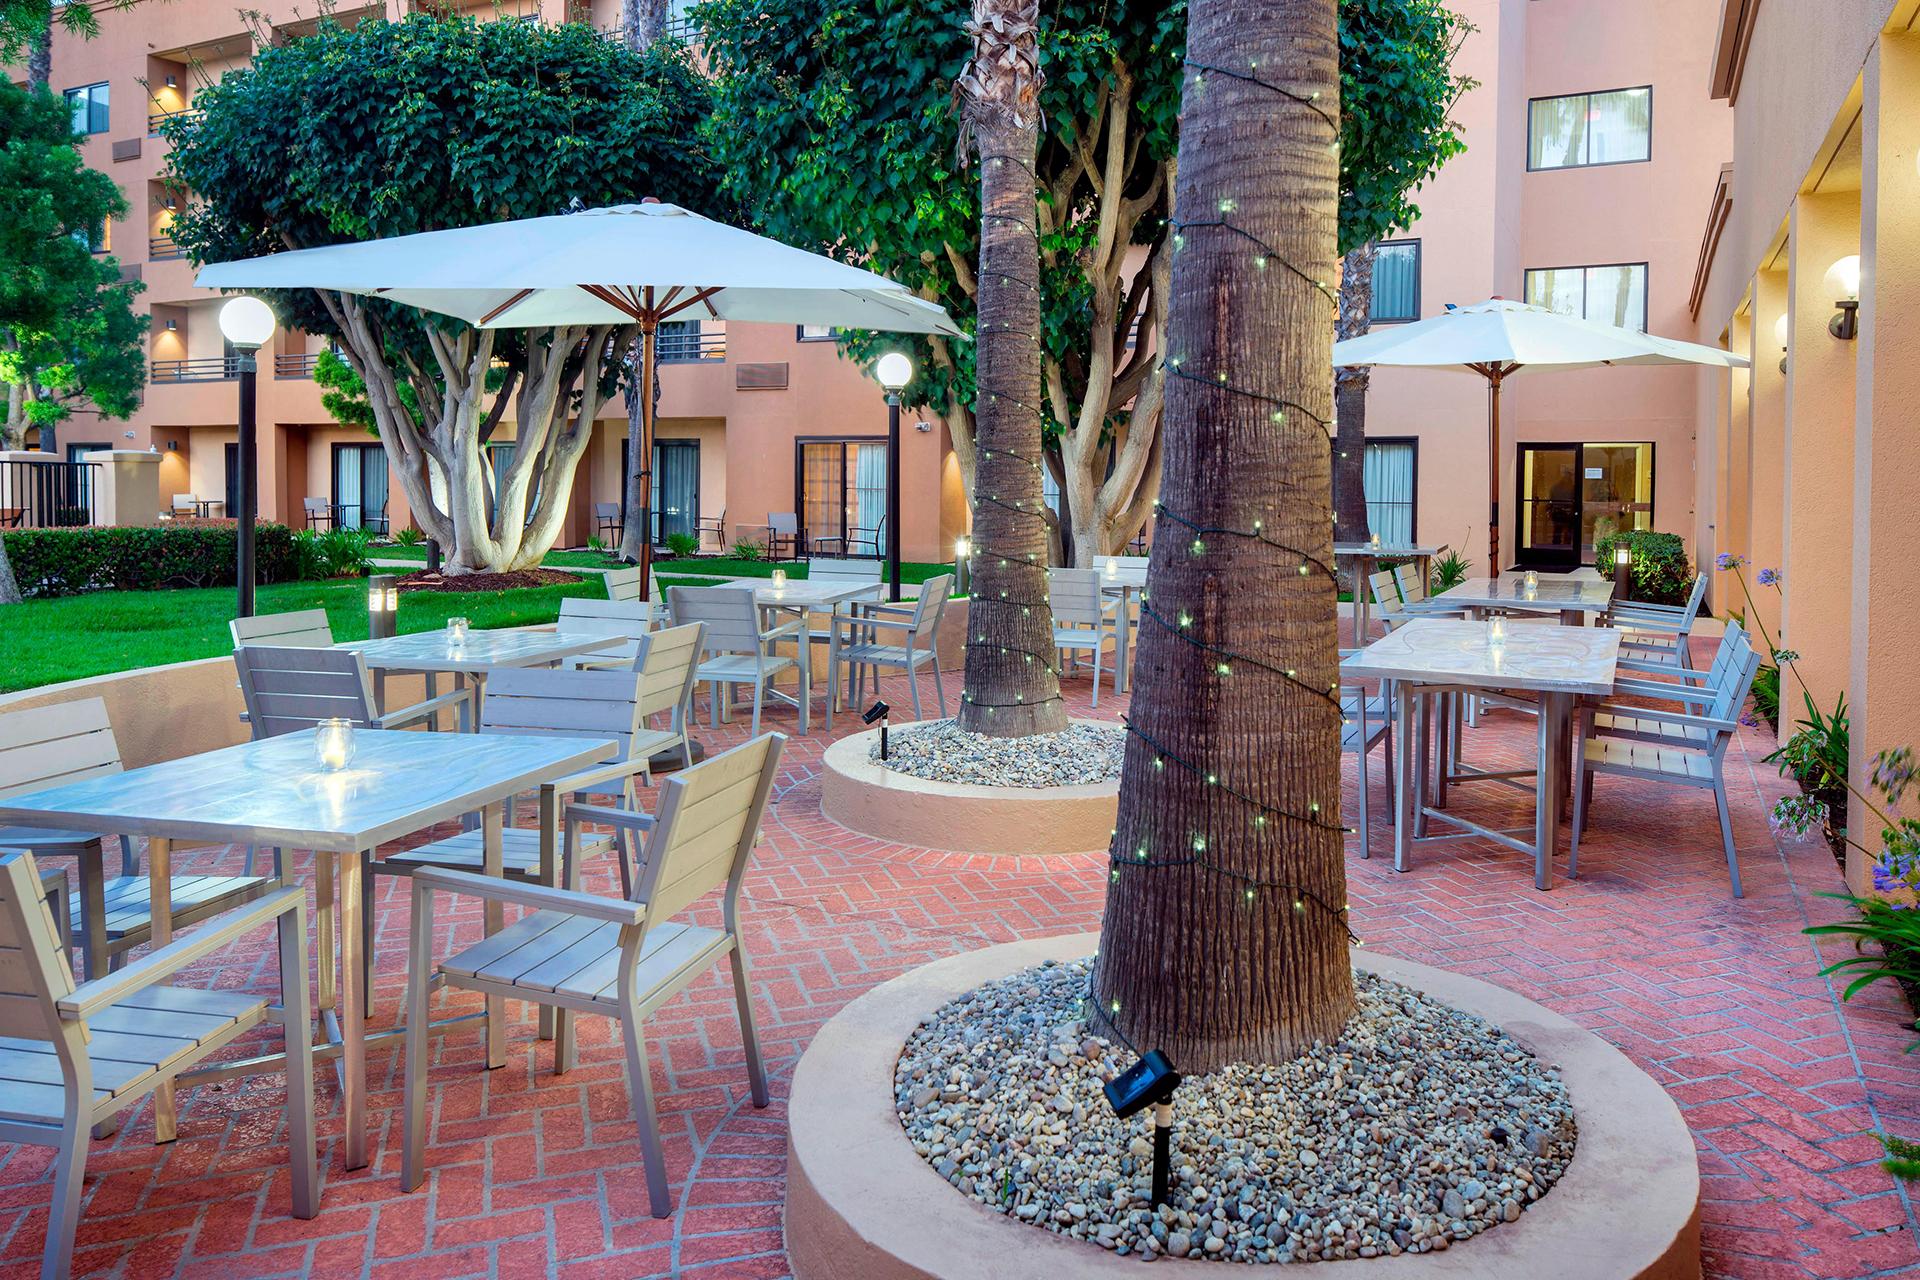 Sonesta Select Los Angeles Torrance Outdoor Patio